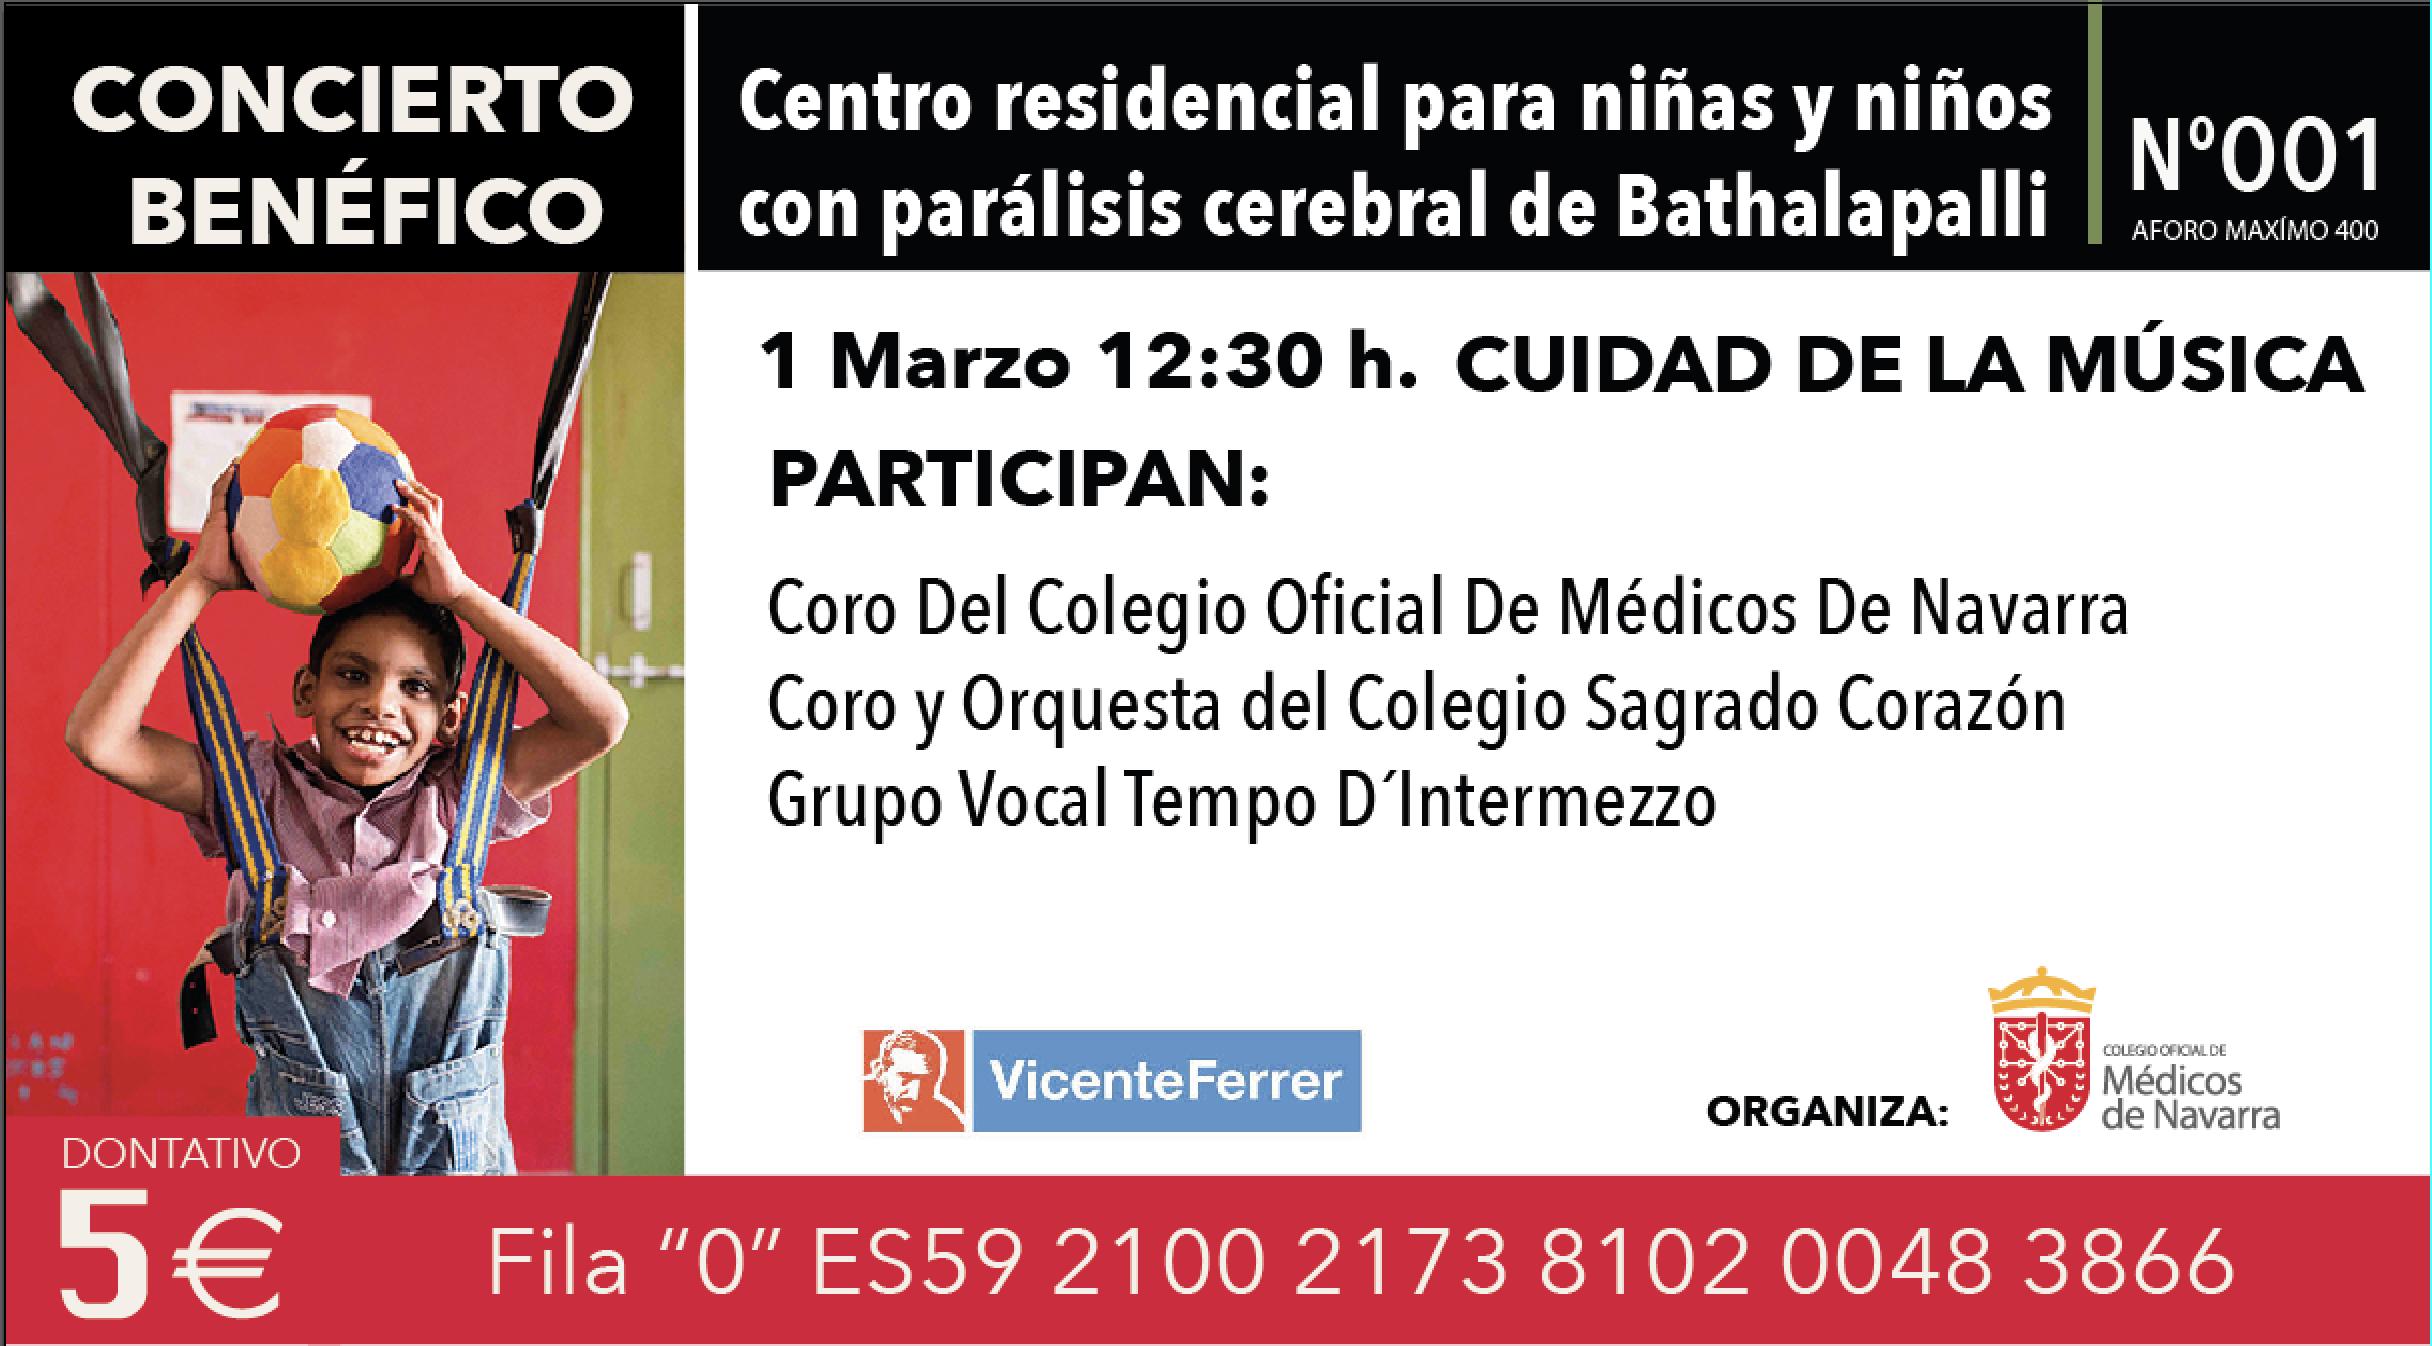 Concierto Benéfico en favor de la Fundación Vicente Ferrer, el domingo 1 de marzo. Últimas entradas a la venta en el Colegio.